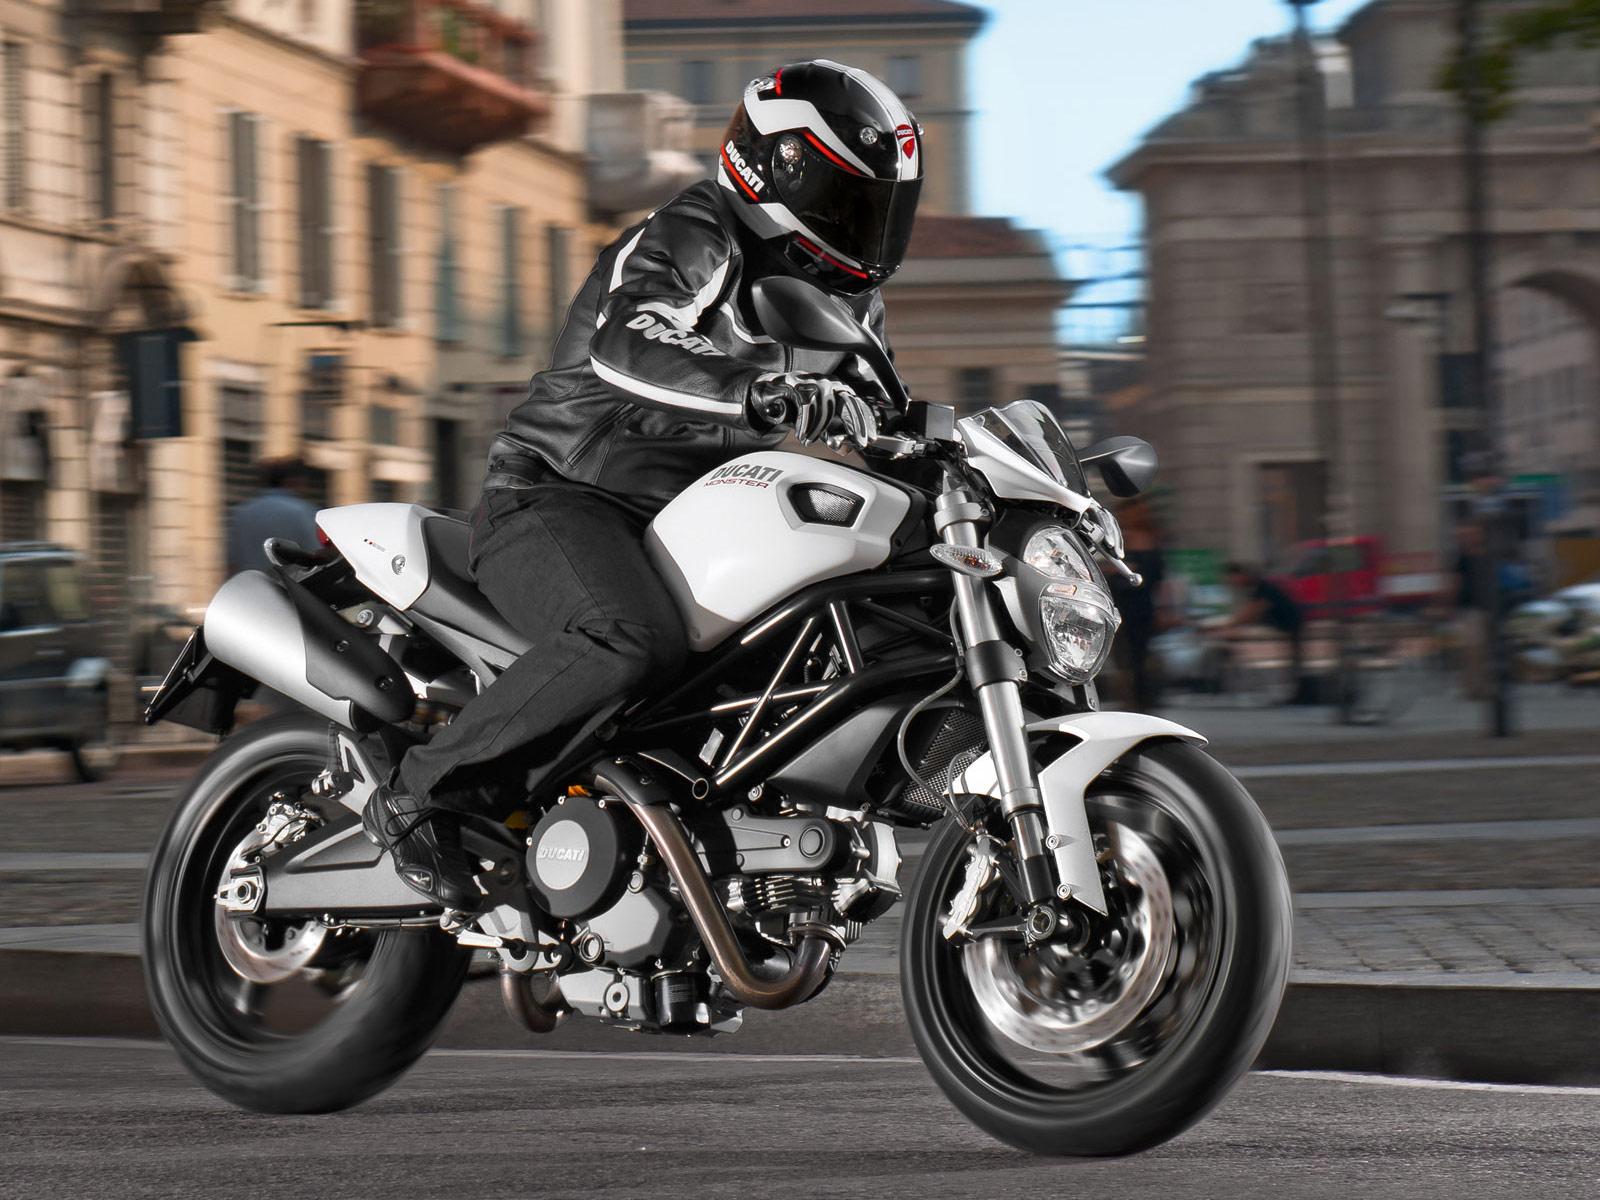 Ducati Monster 696 2012 Model Naked / Roadster Motor